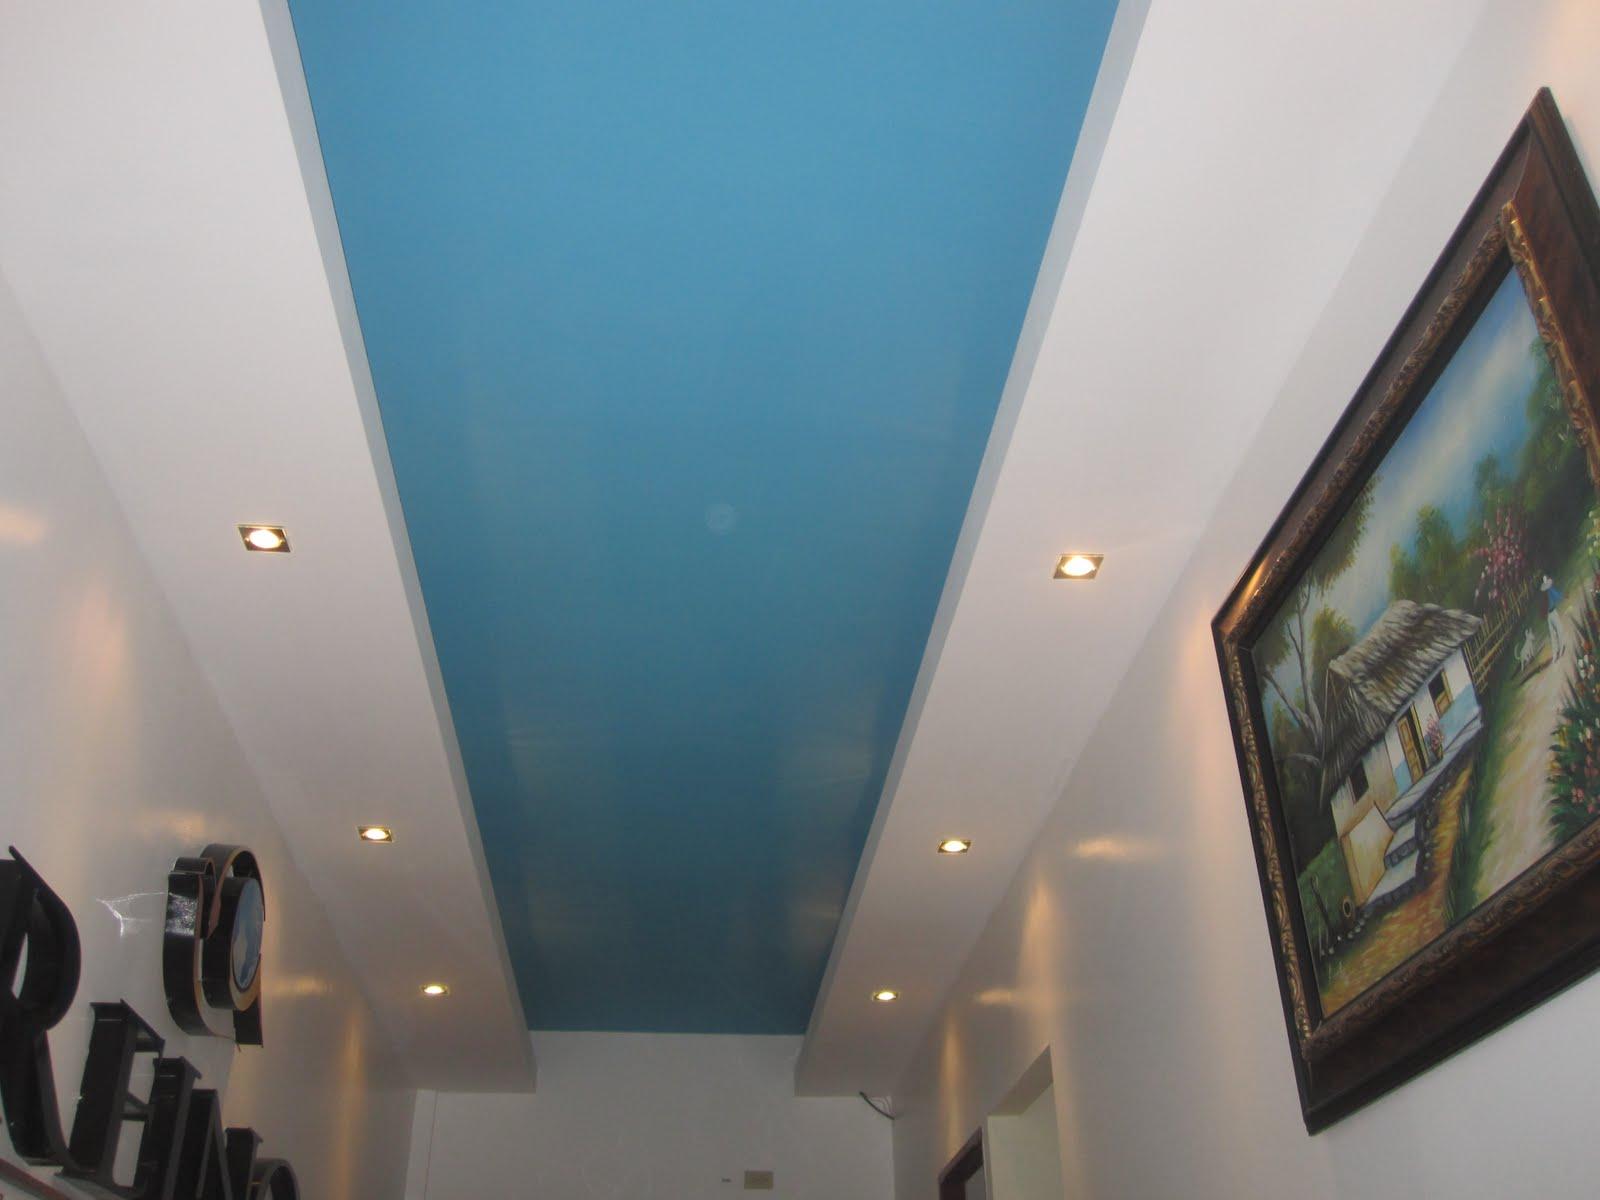 Expansi n sin limites interiores terminaciones de for Terminaciones de techos interiores